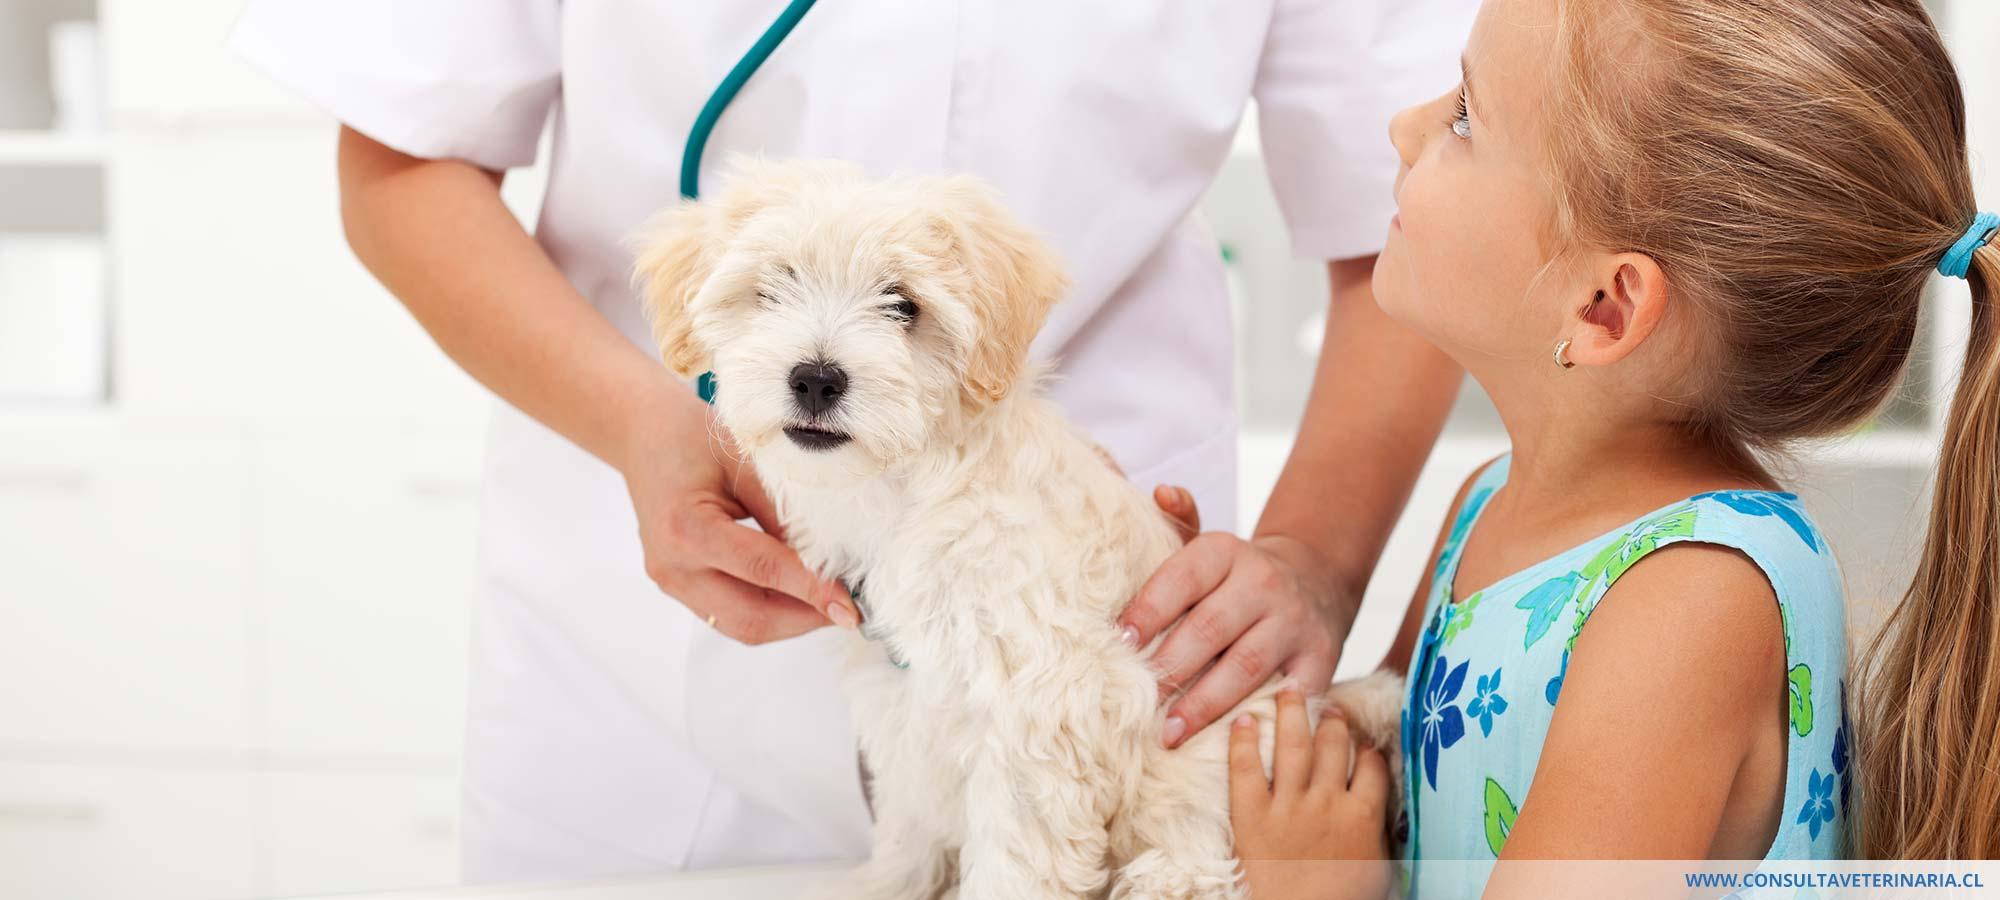 Consulta veterinaria a domicilio